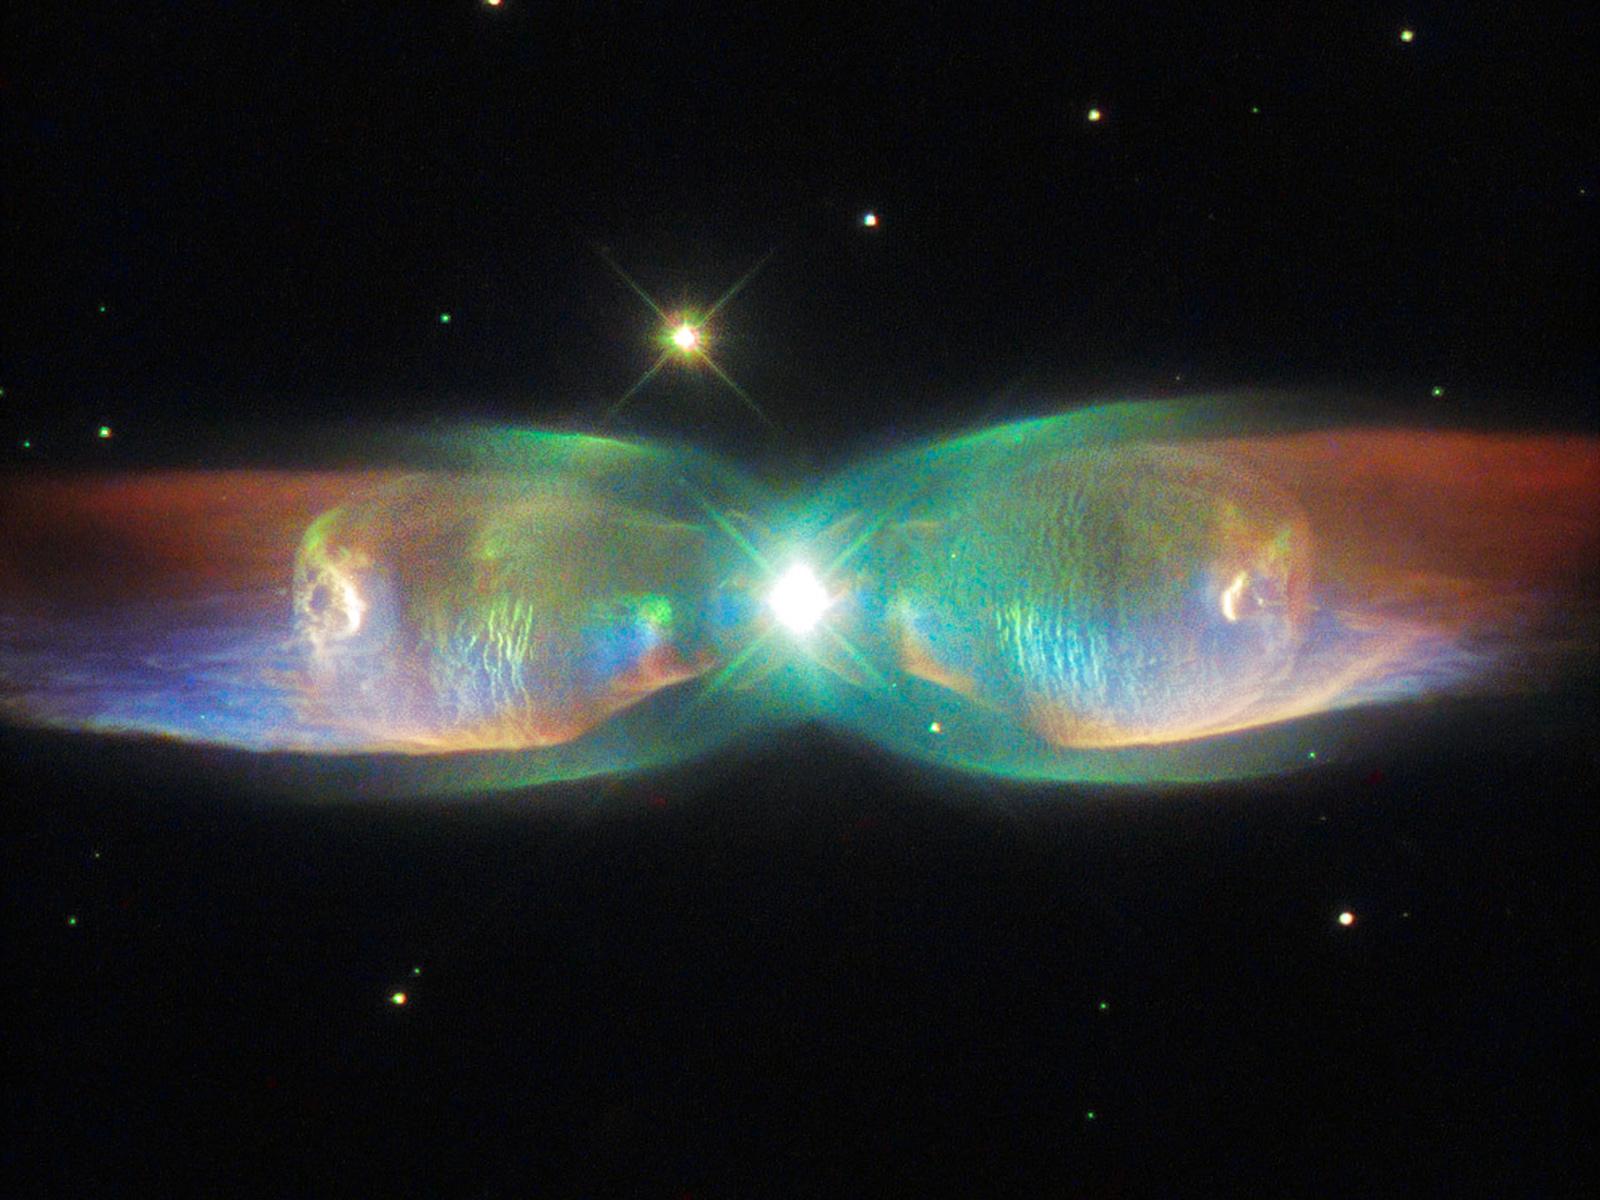 Twin Jet Nebula: The Cosmic Butterfly | Space Wallpaper